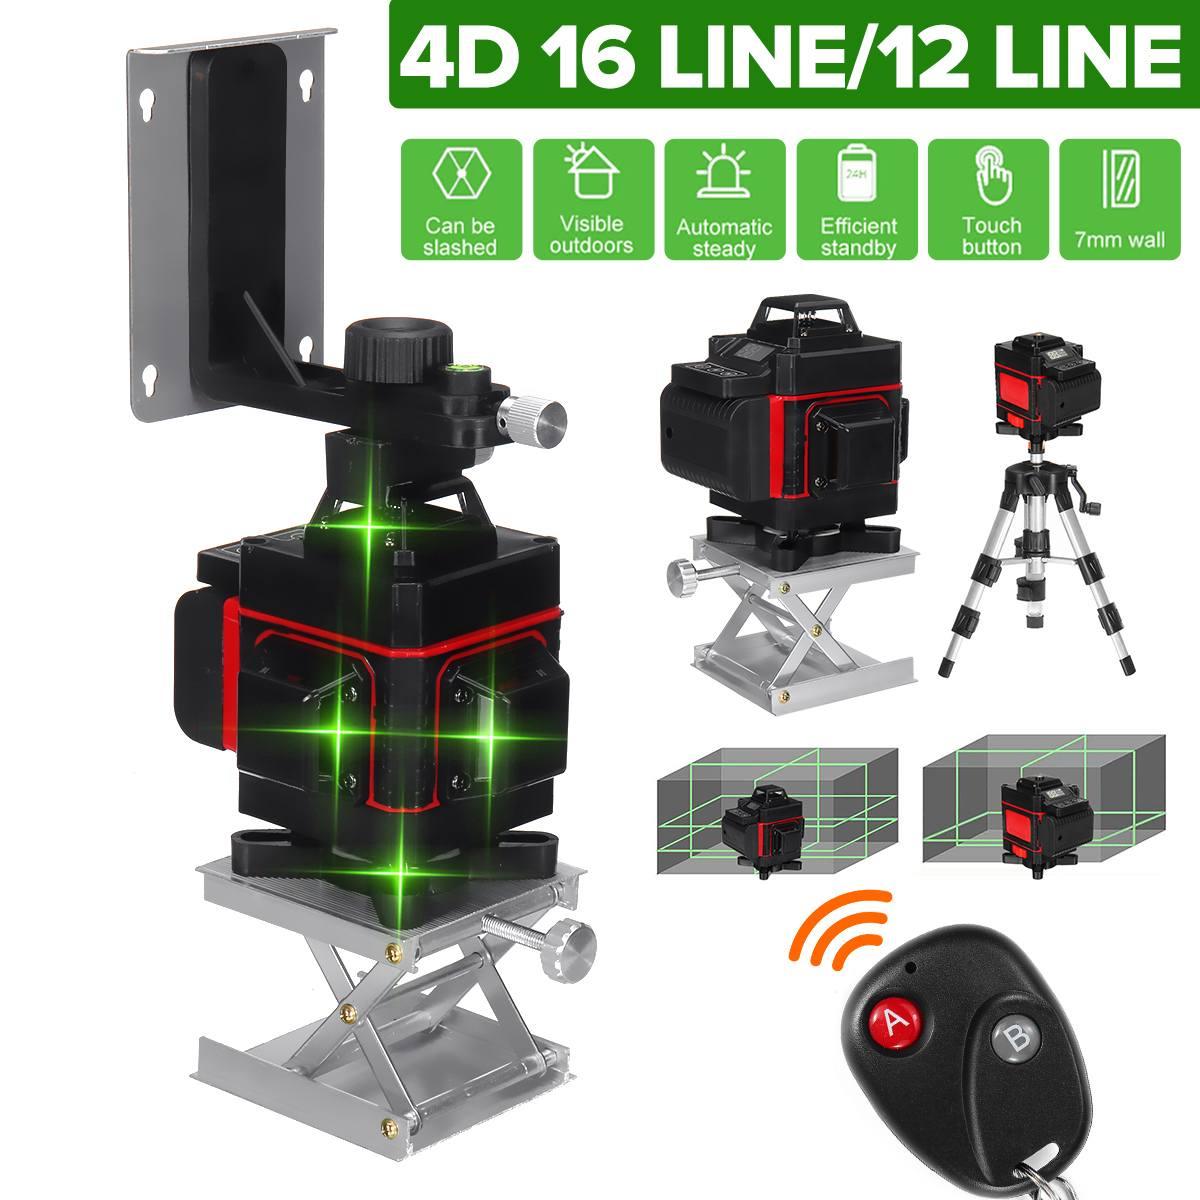 مستويات الليزر 16/12 خطوط ثلاثية الأبعاد/4D الضوء الأخضر الأفقي والرأسي الصليب 360 مستويات الليزر الذاتي التسوية و 6000mAh البطارية و ترايبود